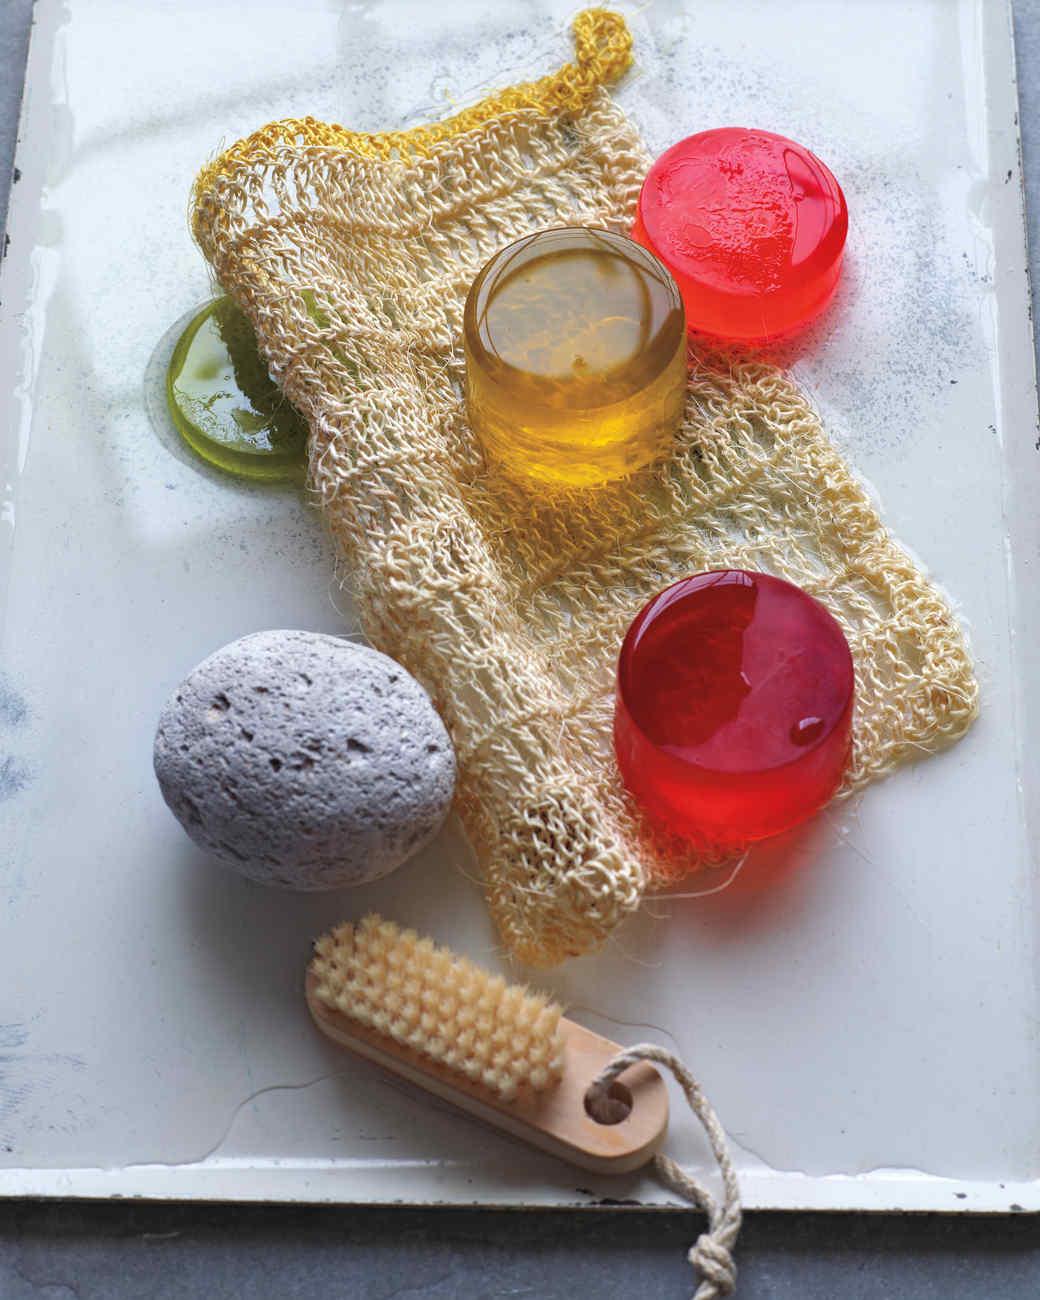 homemade-soaps-042-md110598.jpg